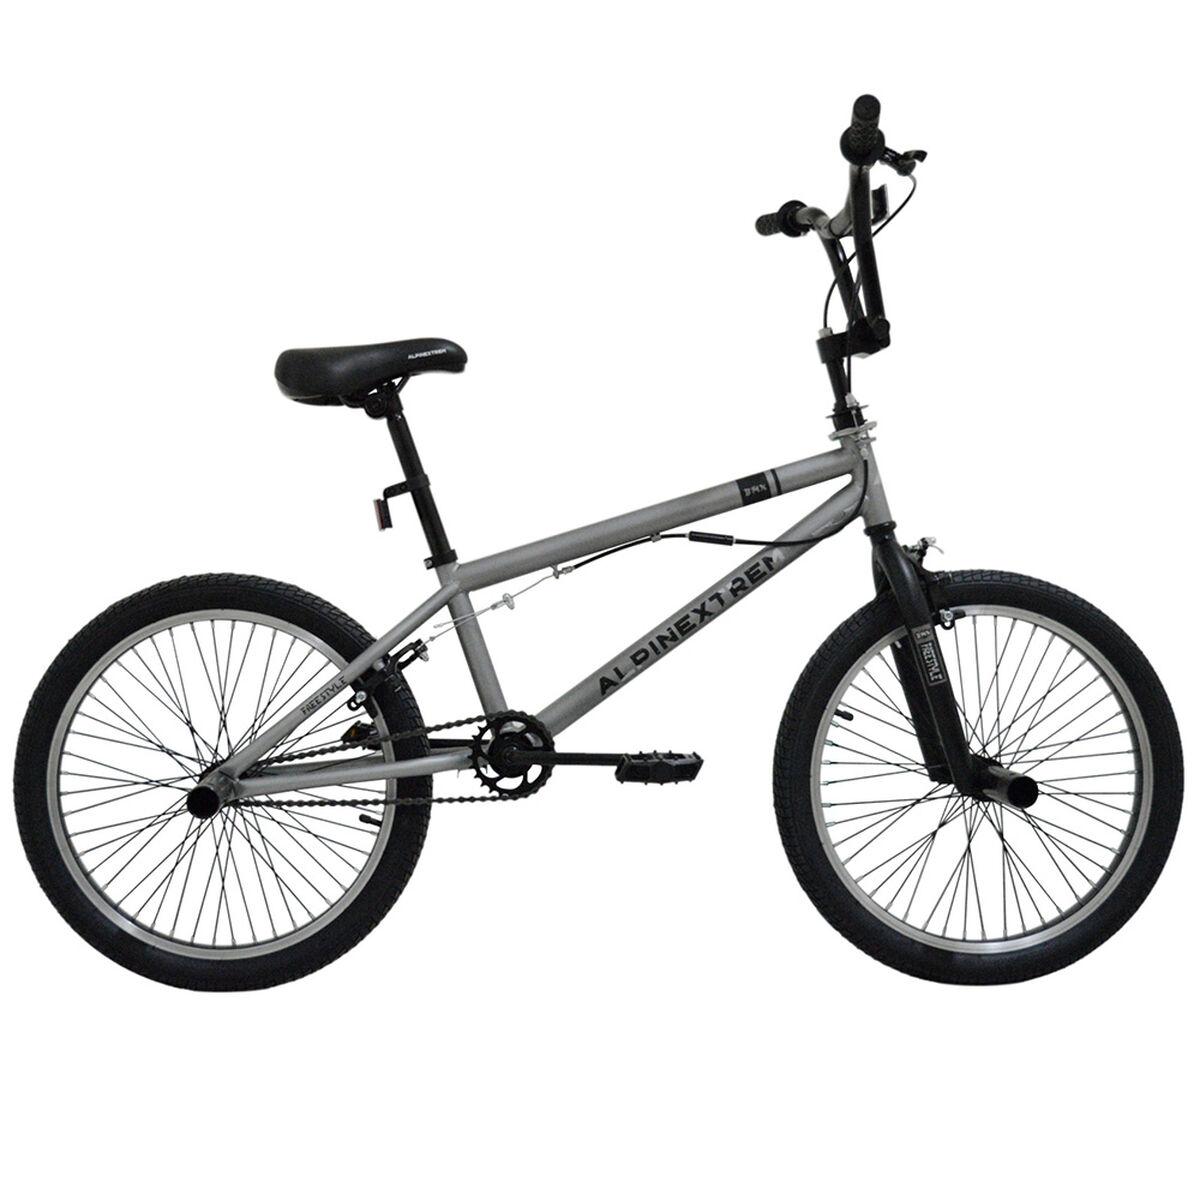 Bicicleta Alpinextrem Niño FreeStyle A20 Aro 20